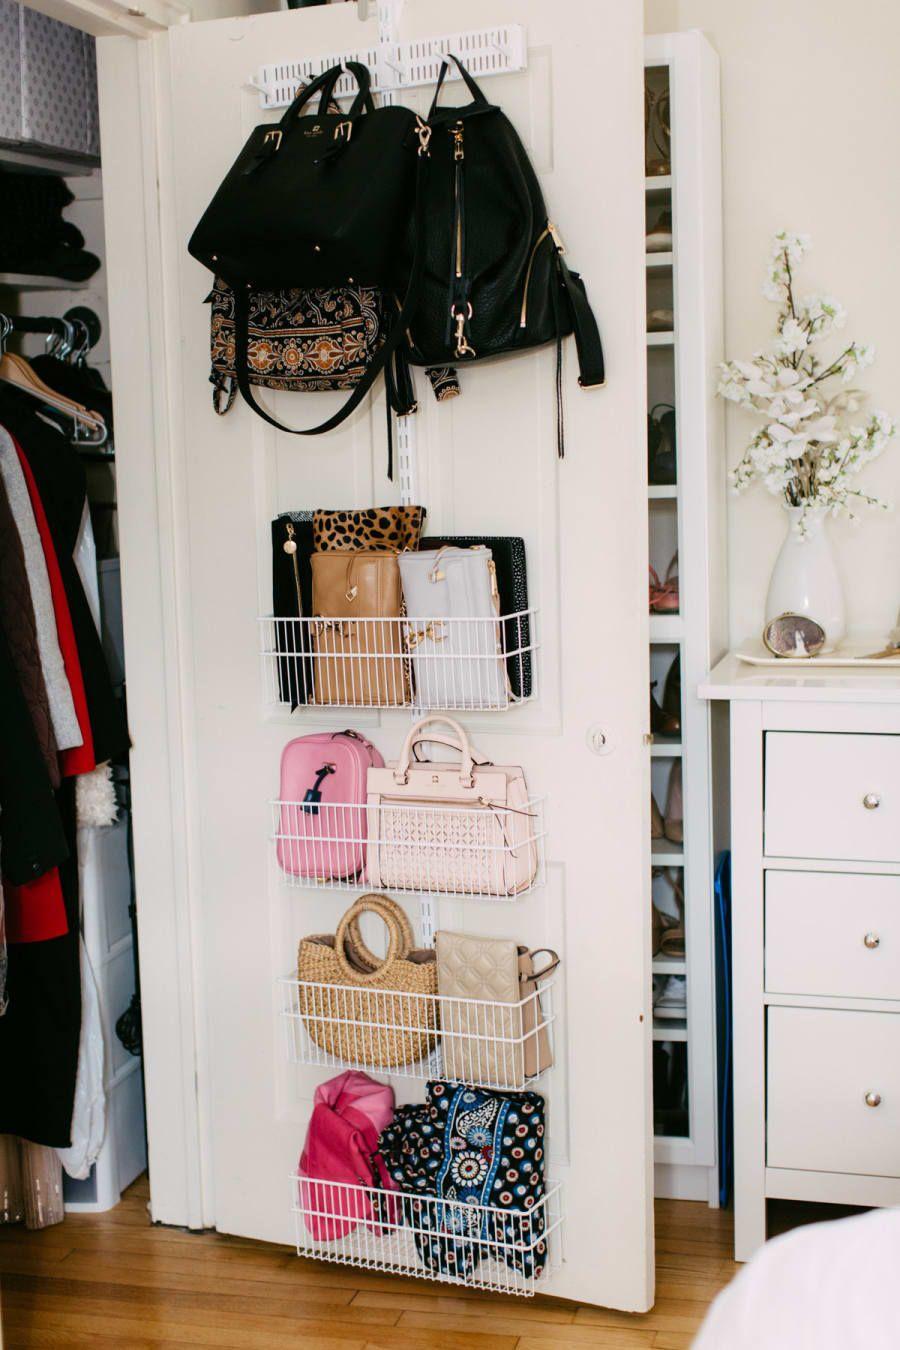 Small Dresser For Closet Creative Fine Small Dresser Small Dresser For Closet Closet Designs